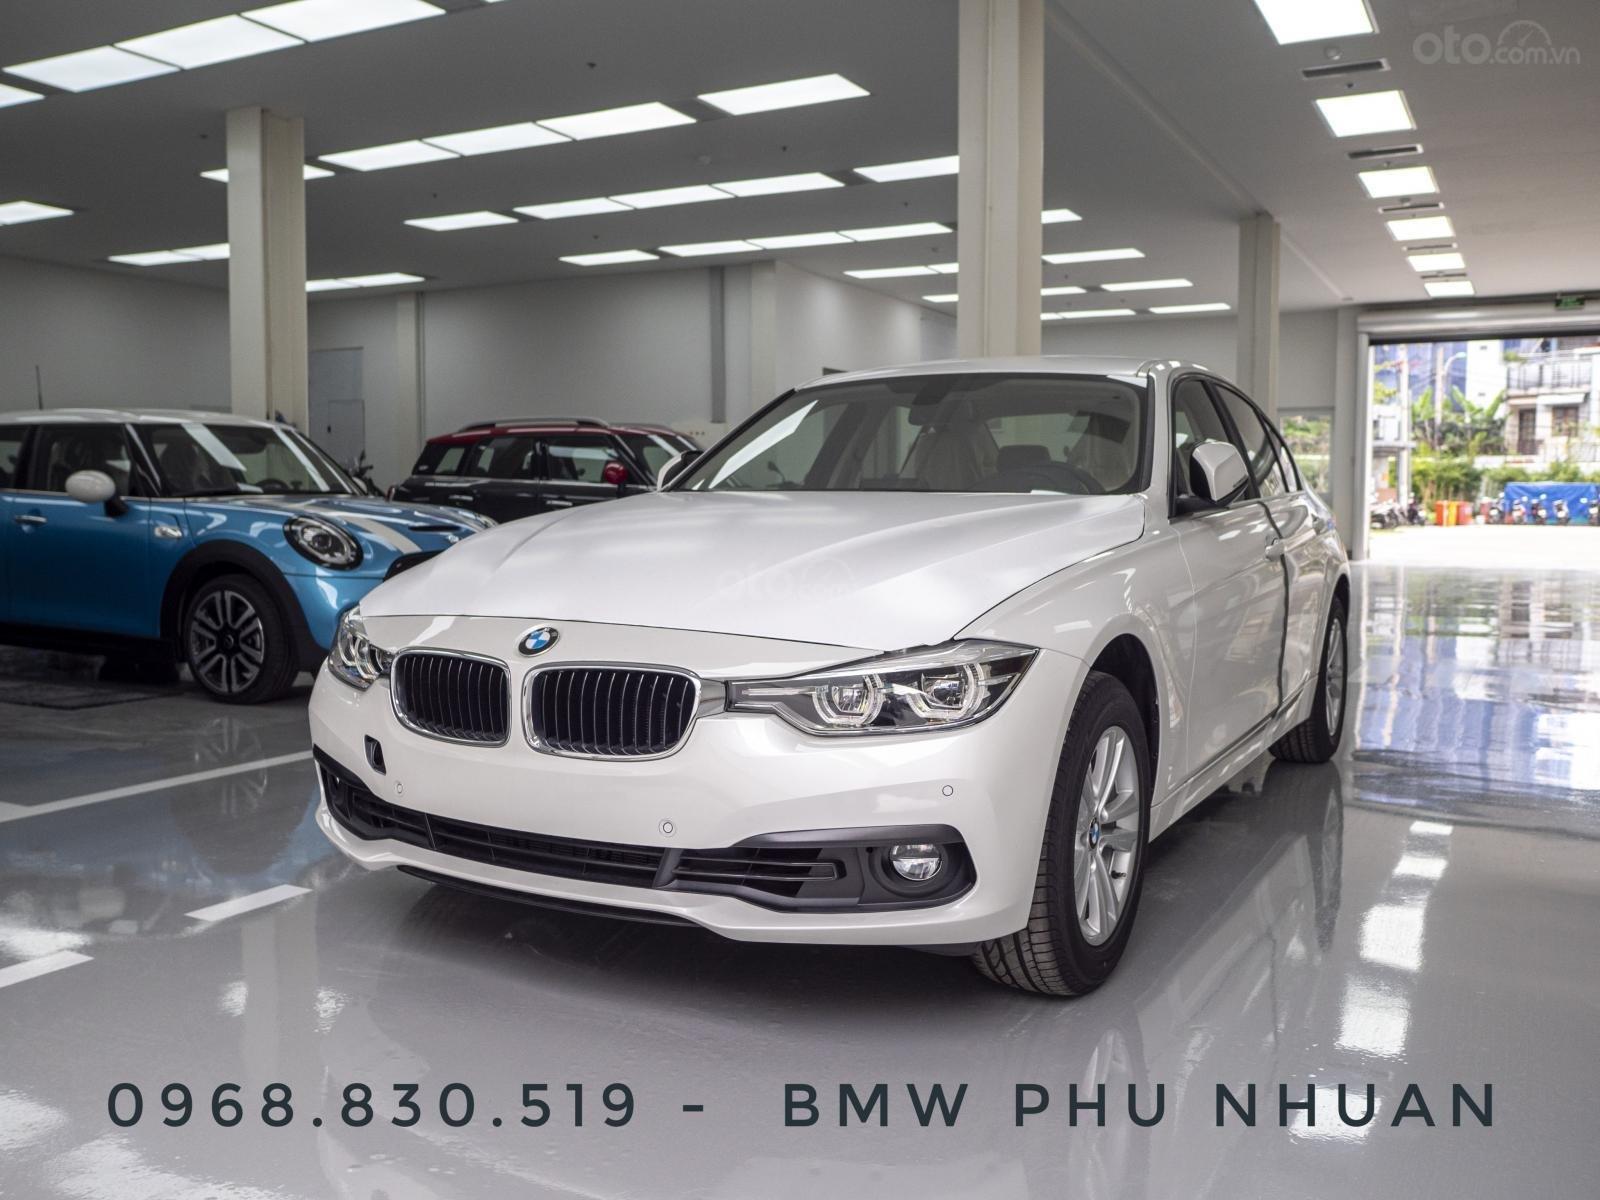 BMW 320i nhập Đức với siêu ưu đãi lớn lên đến 300 triệu, giá cực tốt tại thời điểm cuối năm (1)